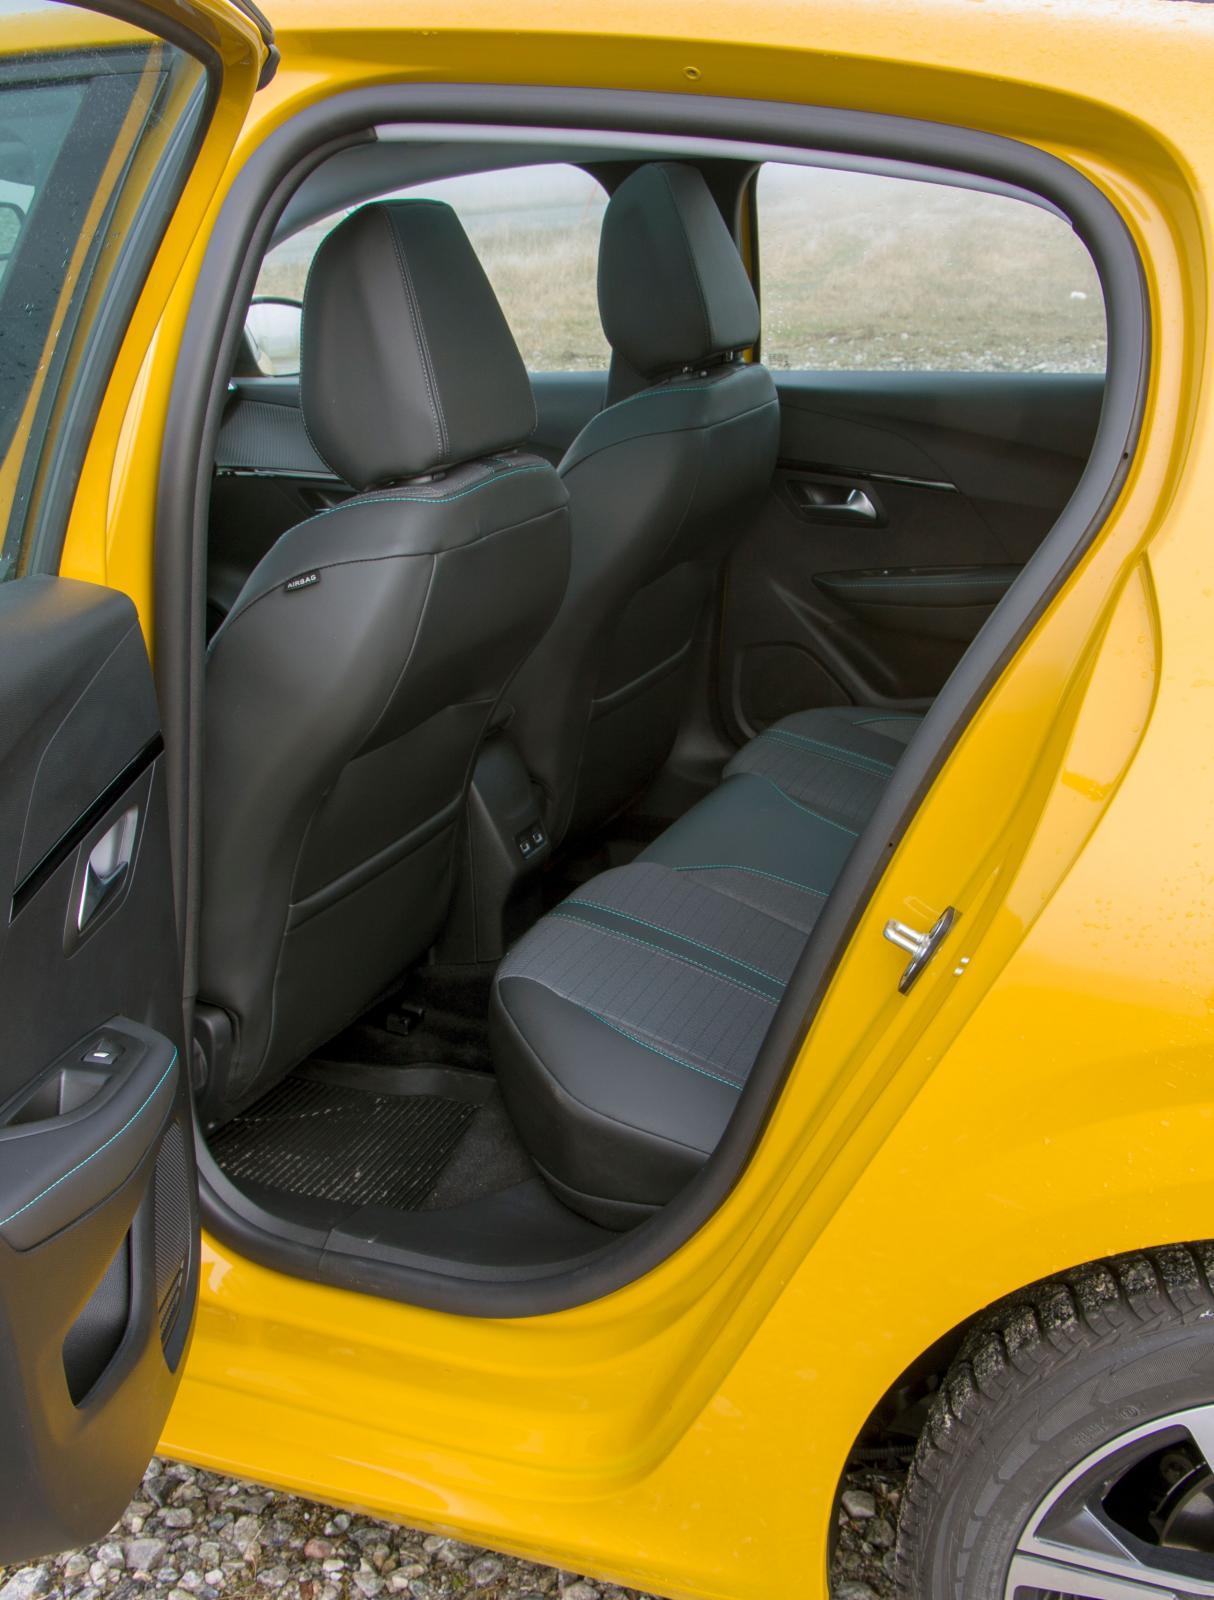 Dörrhålet till Peugeots baksäte är väldigt smalt, 55 centimeter vid mätpunkten mot Mazdas 65 (!) och Renaults 58. Svårt att krångla barn och barnstol på plats!